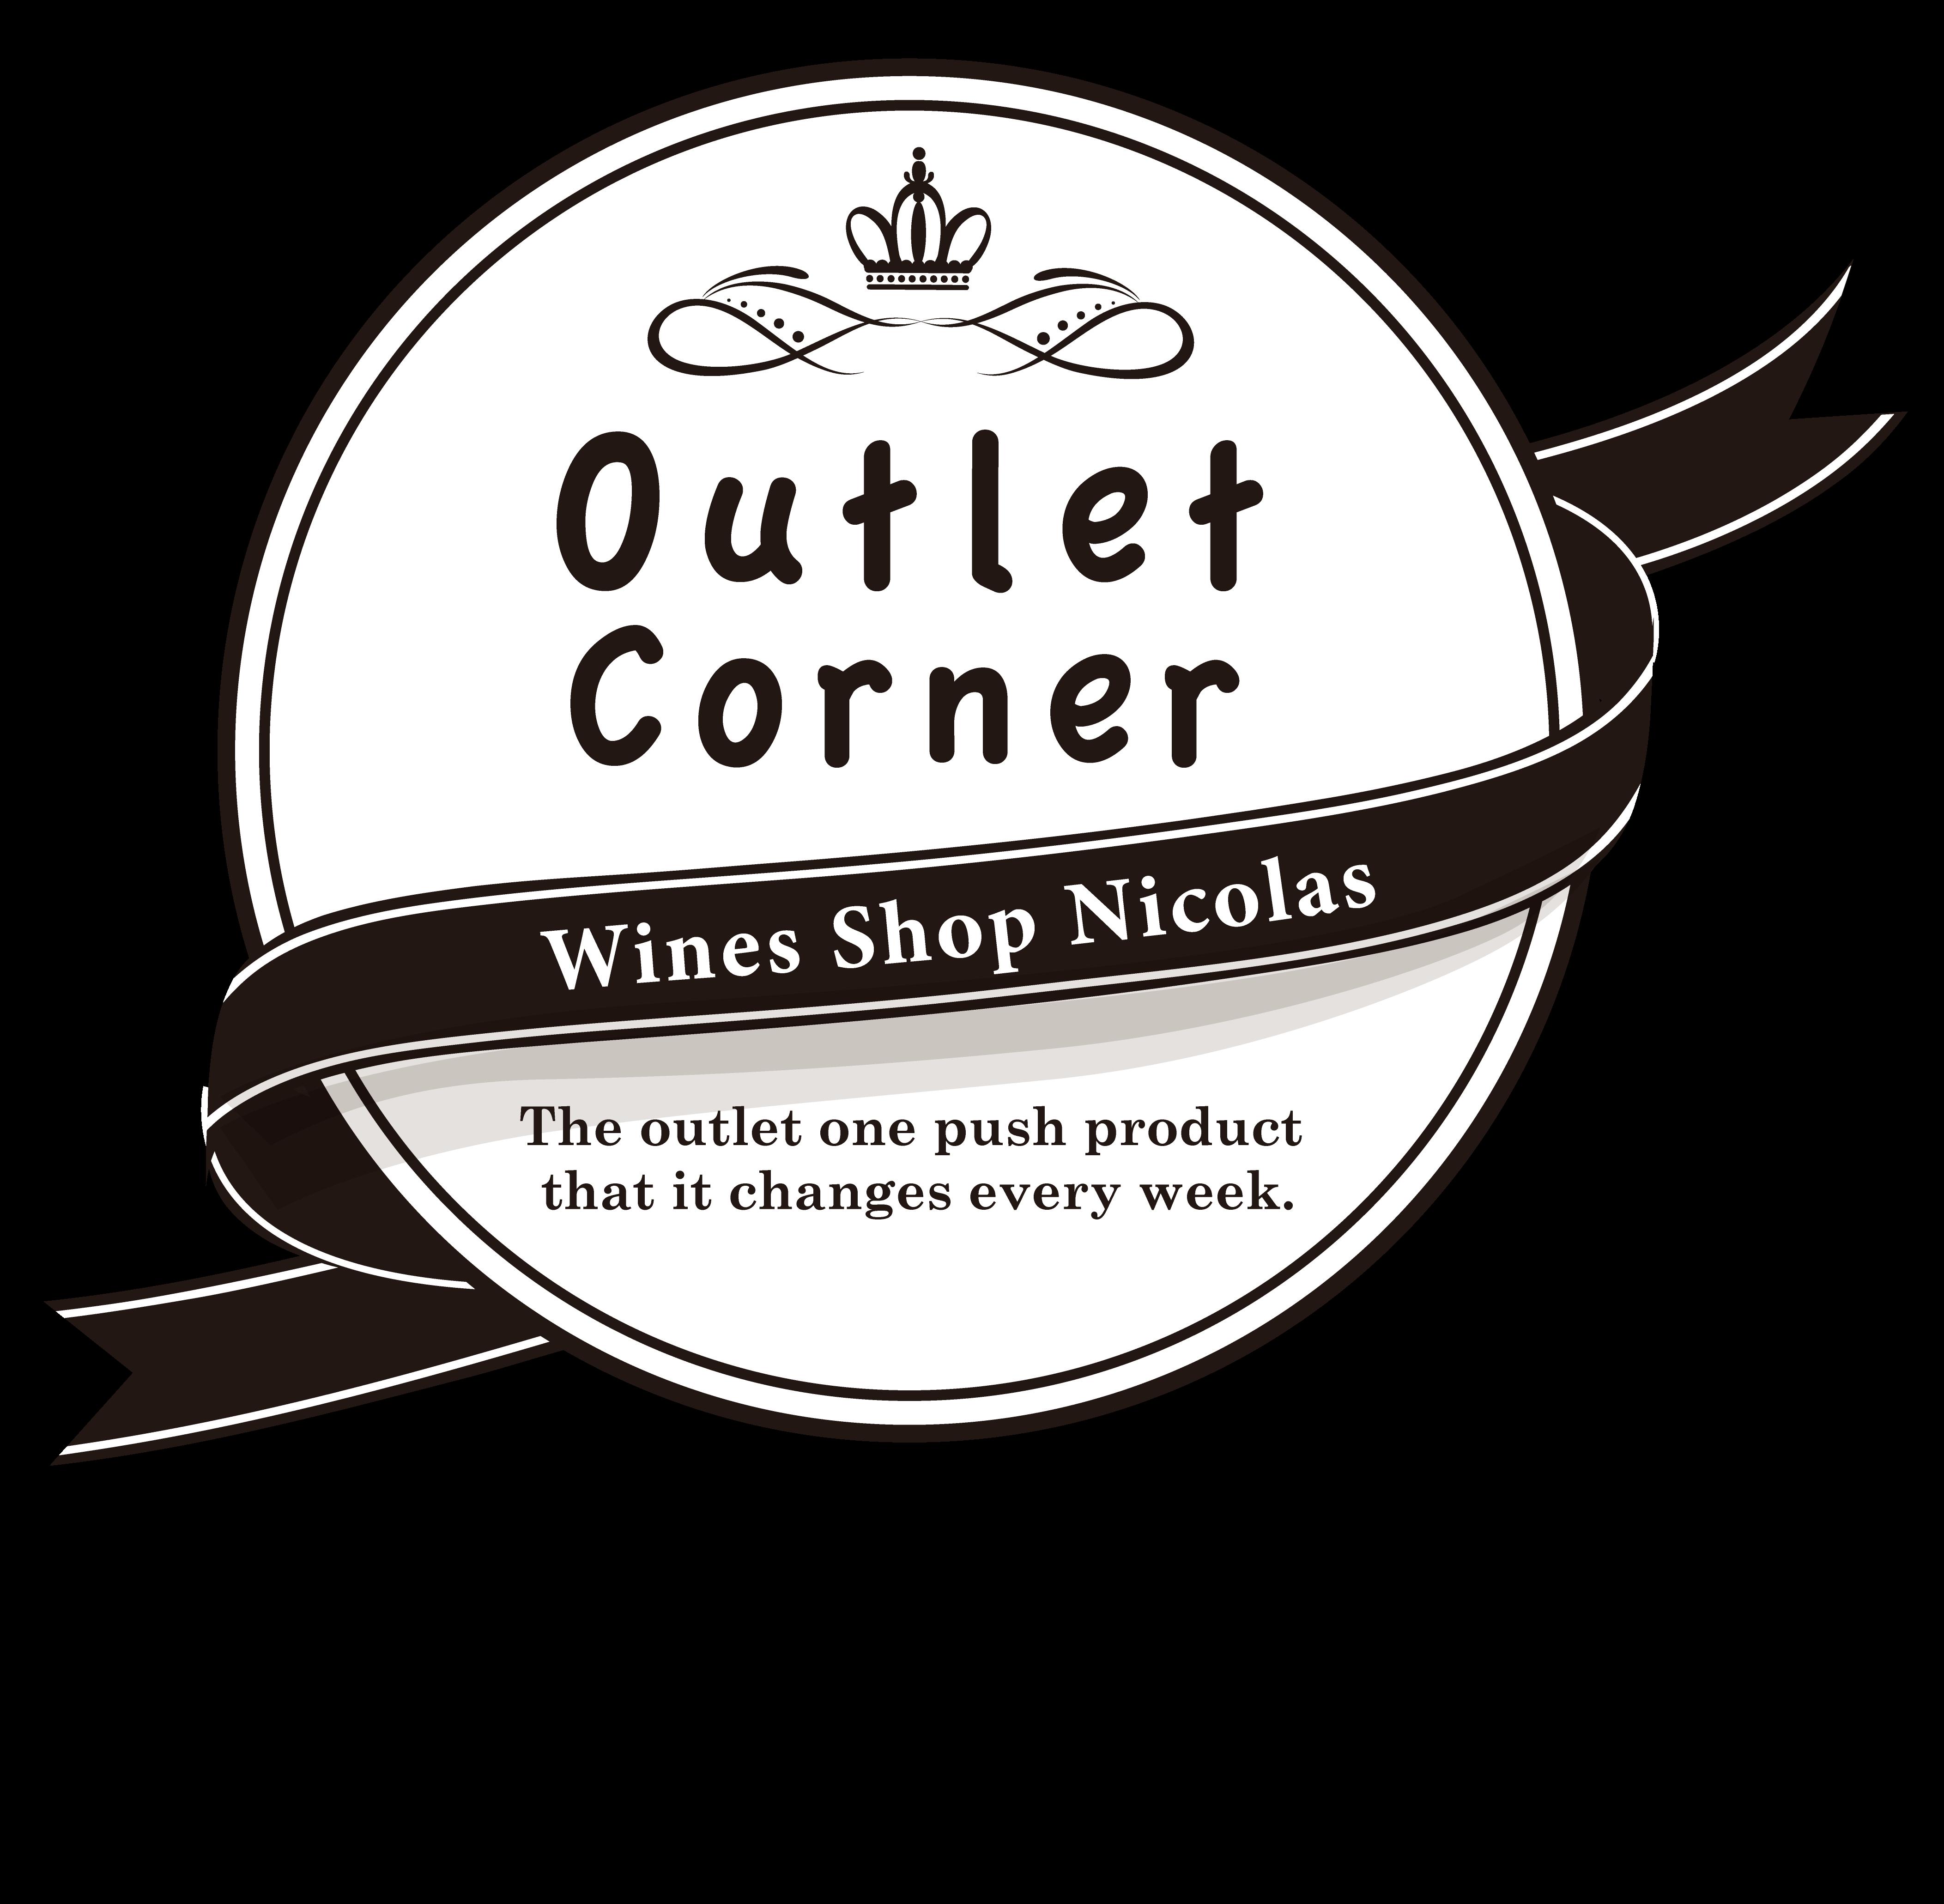 Outlet Corner